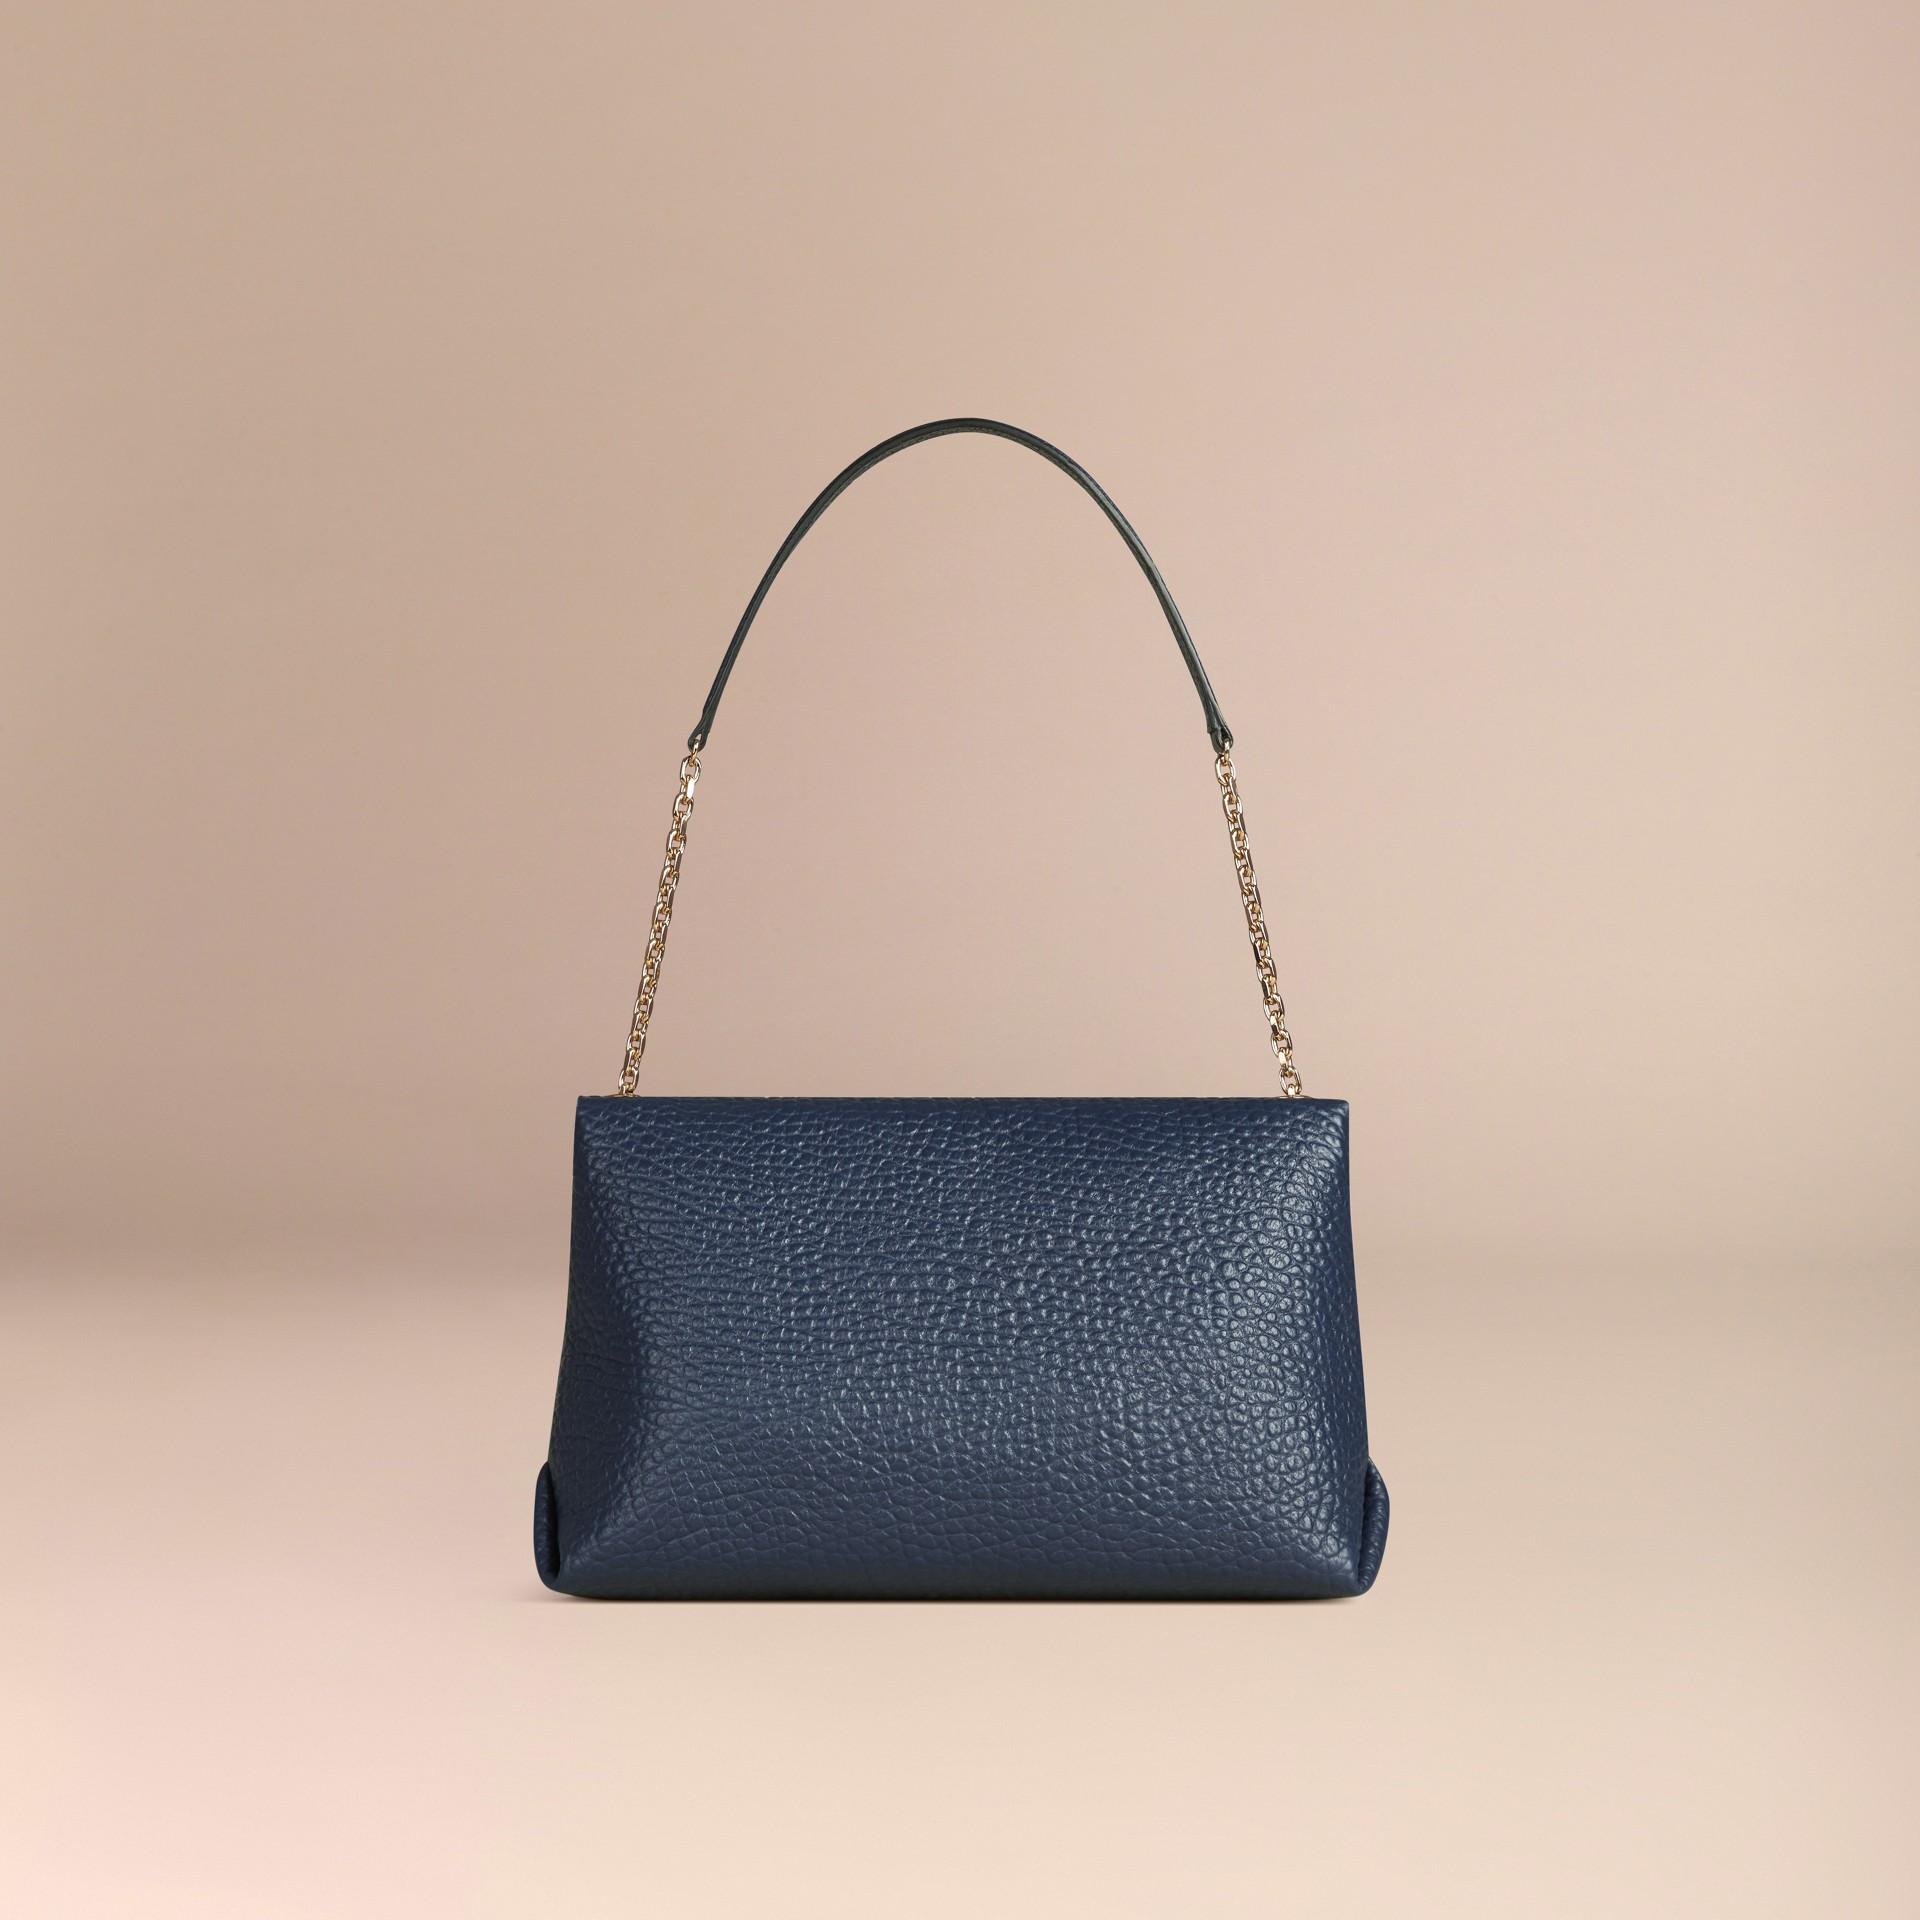 Blu carbonio Borsa a spalla grande in pelle a grana Burberry Blu Carbonio - immagine della galleria 4